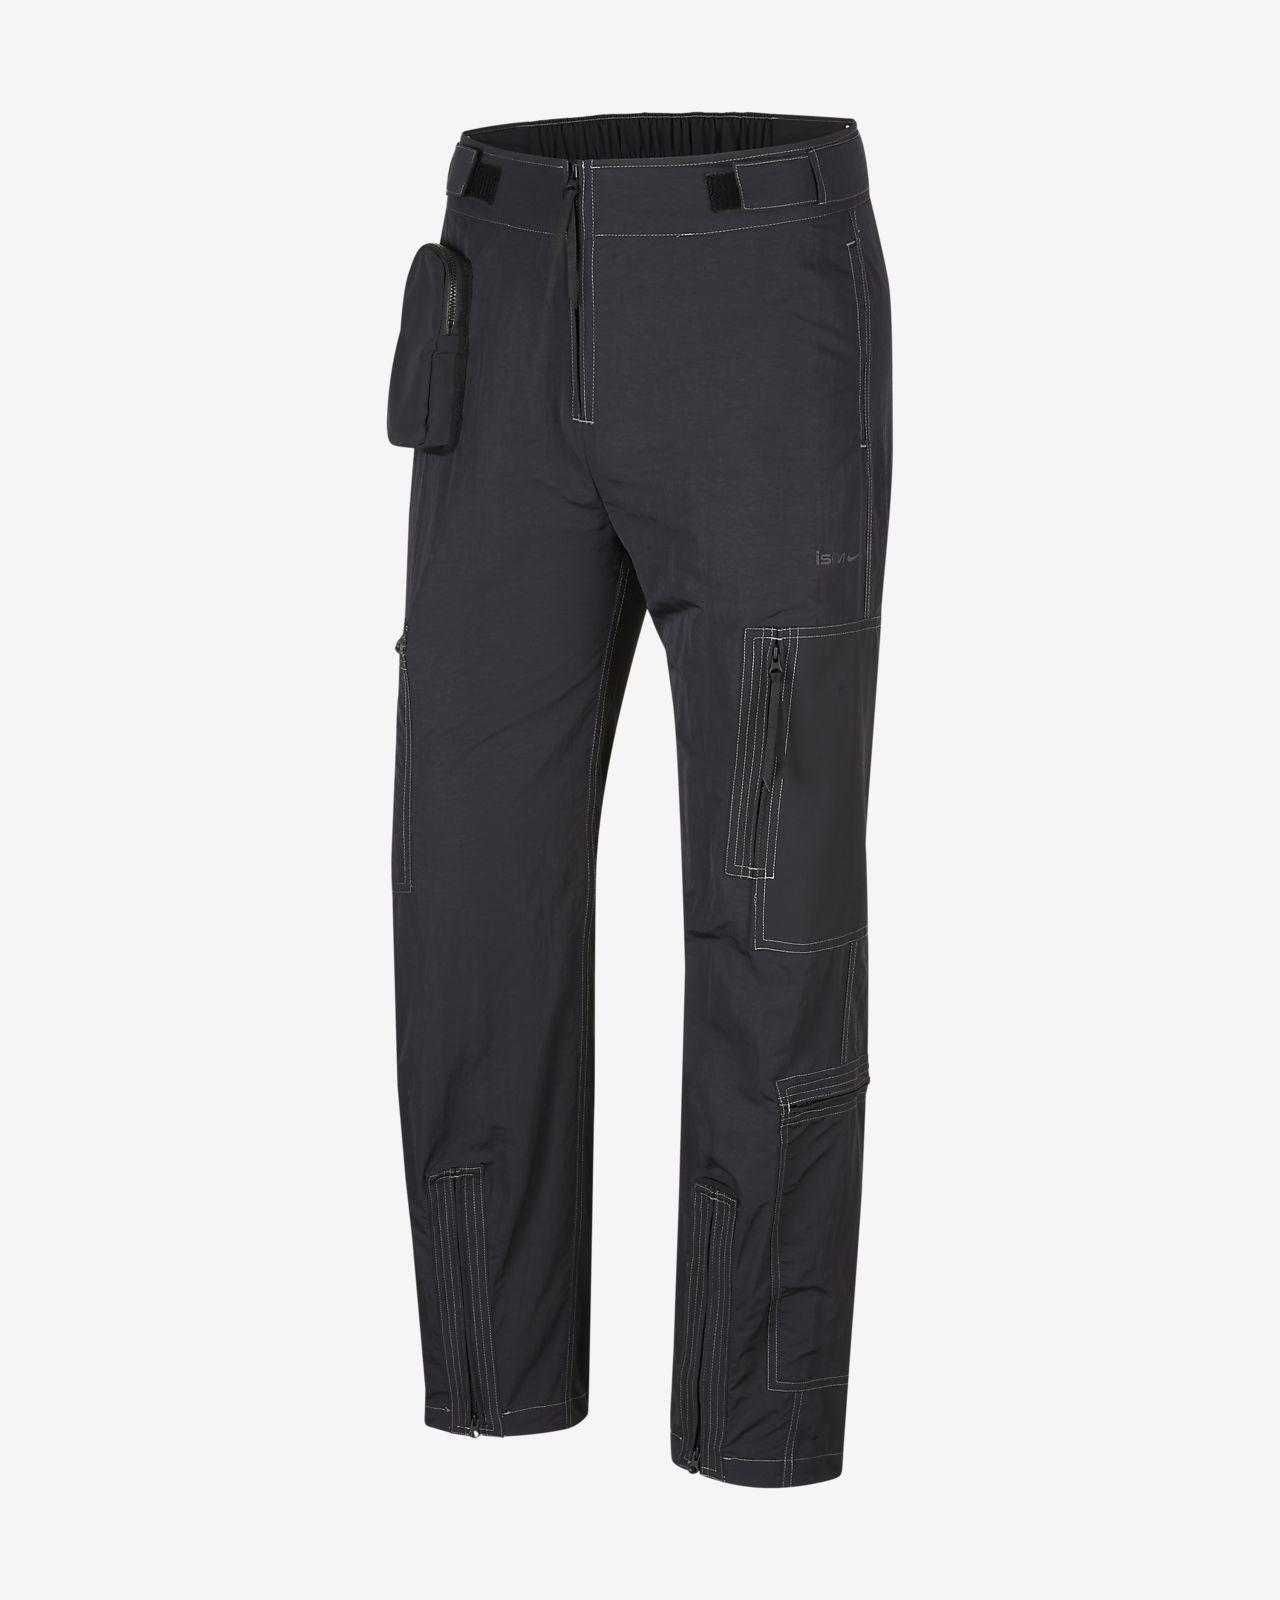 กางเกงผู้หญิง Nike ISPA